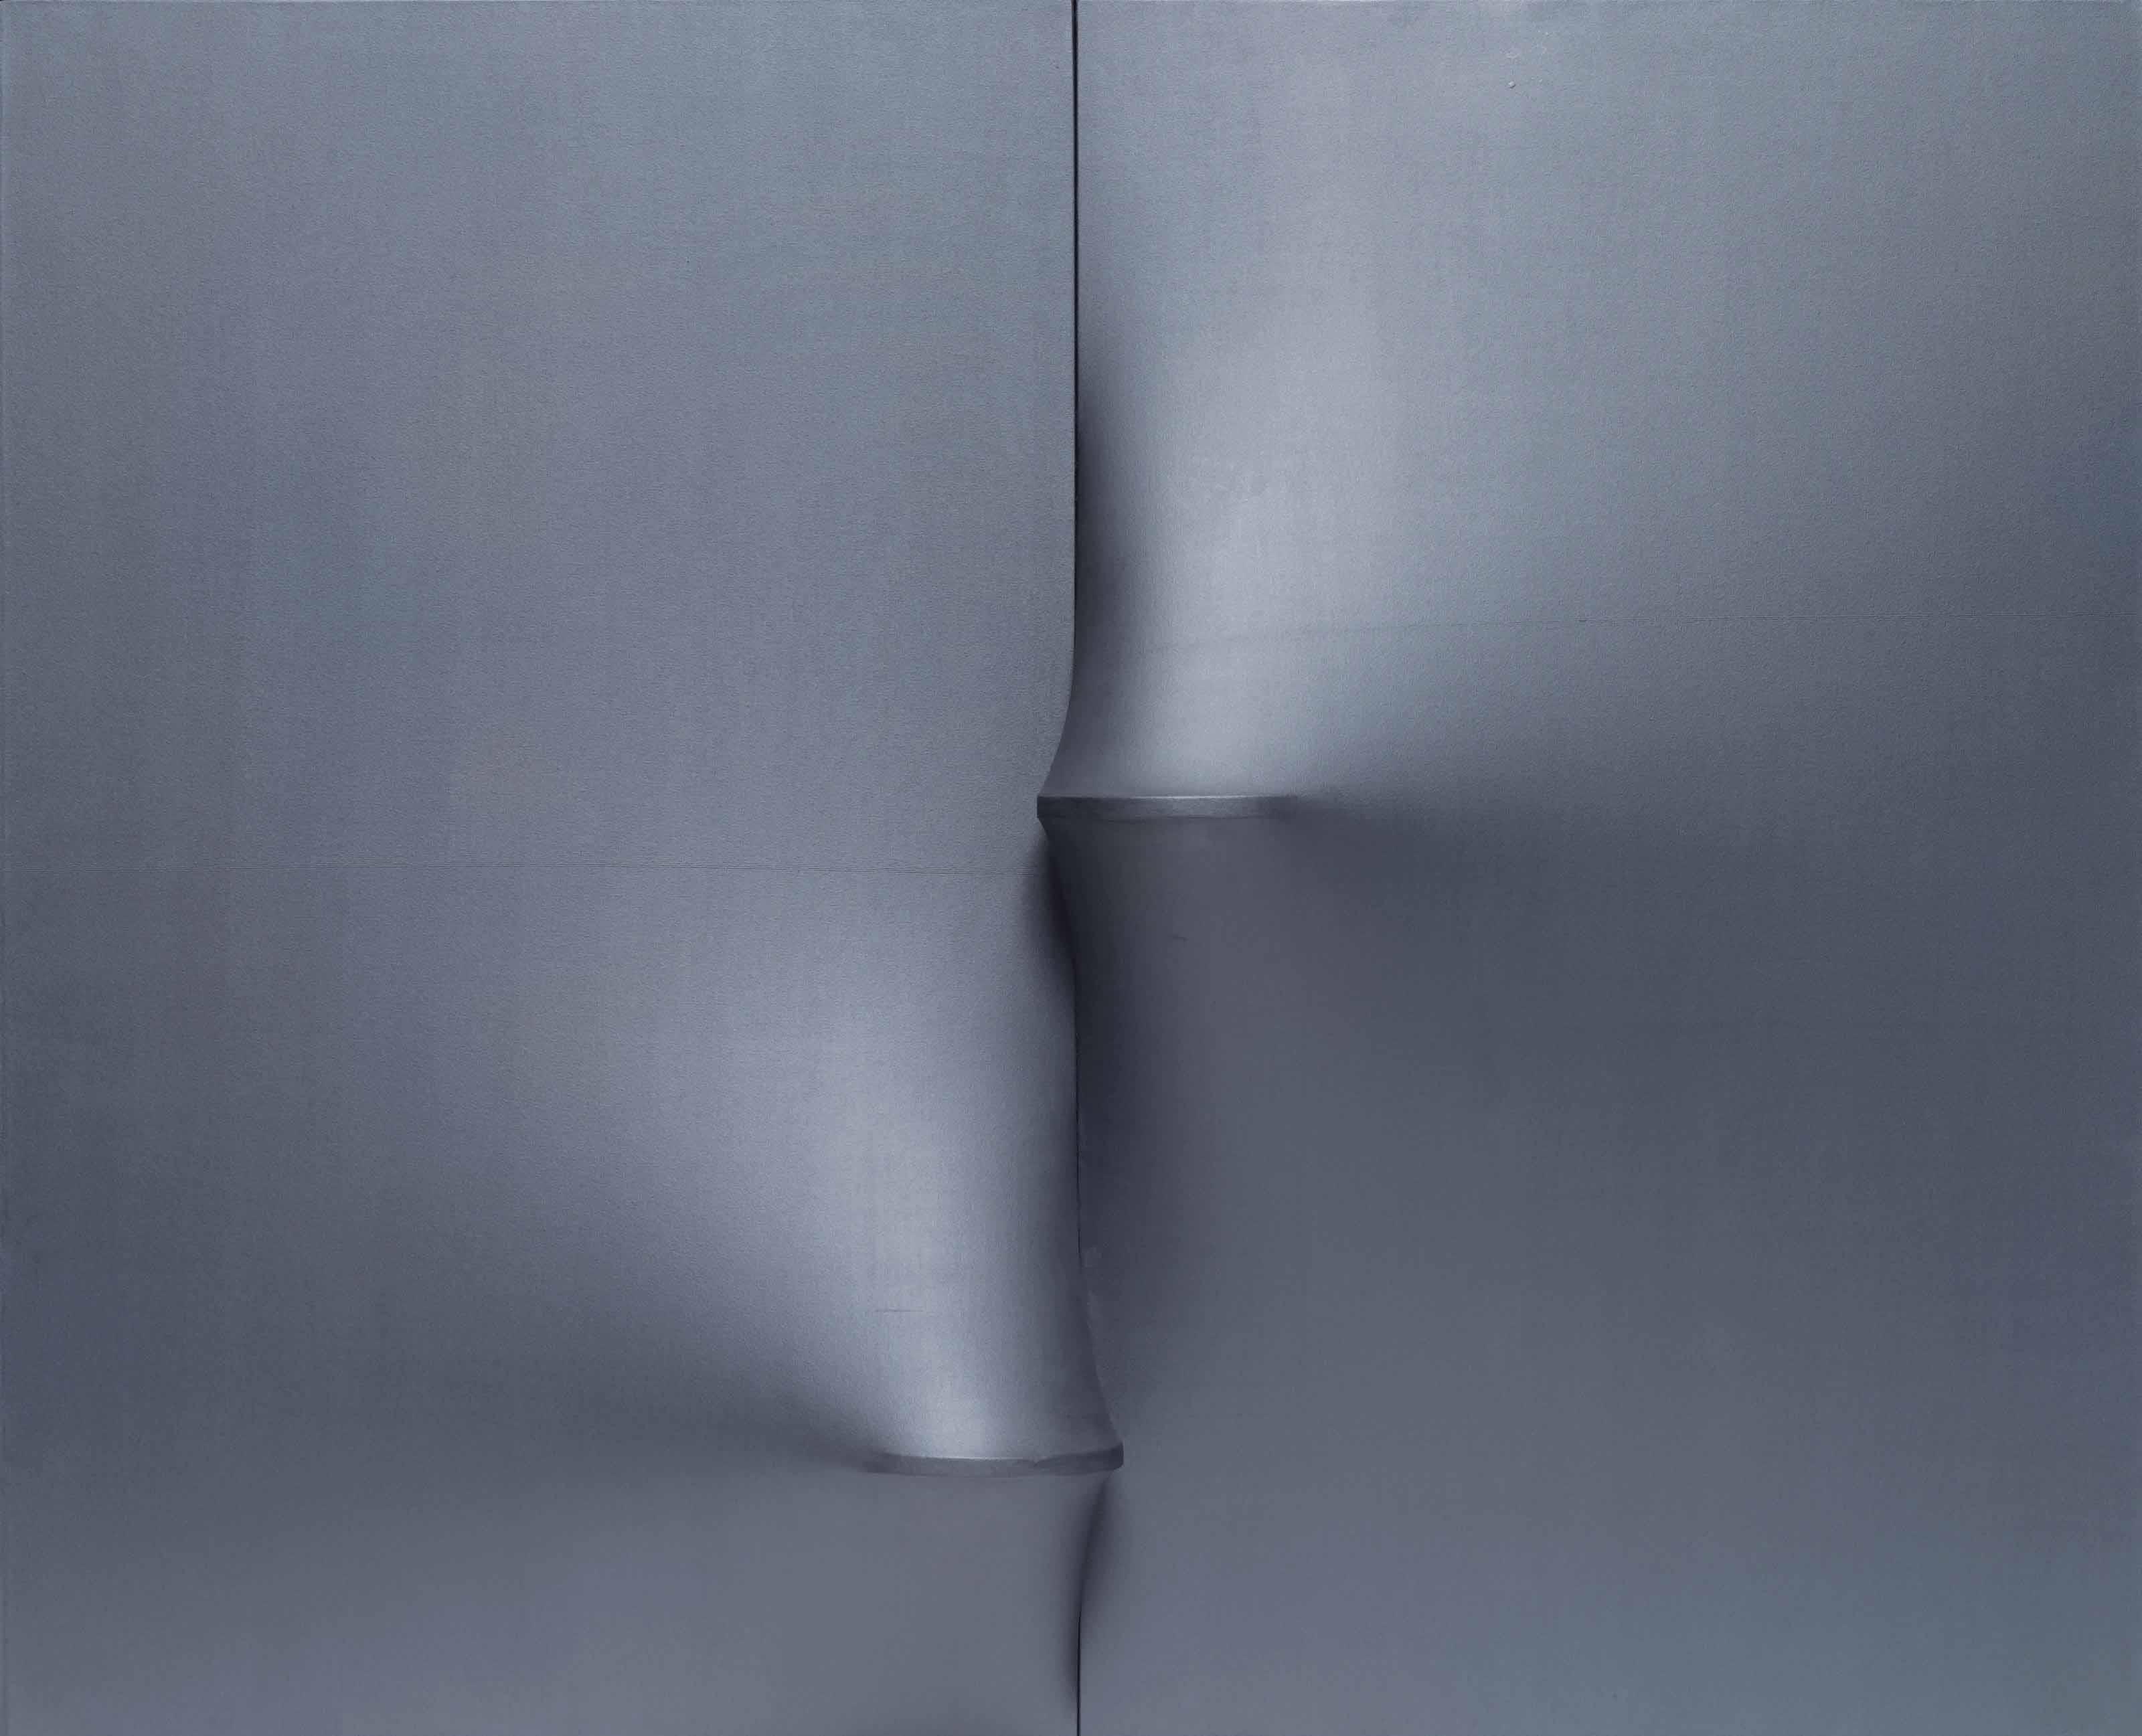 Grigio (Grey)